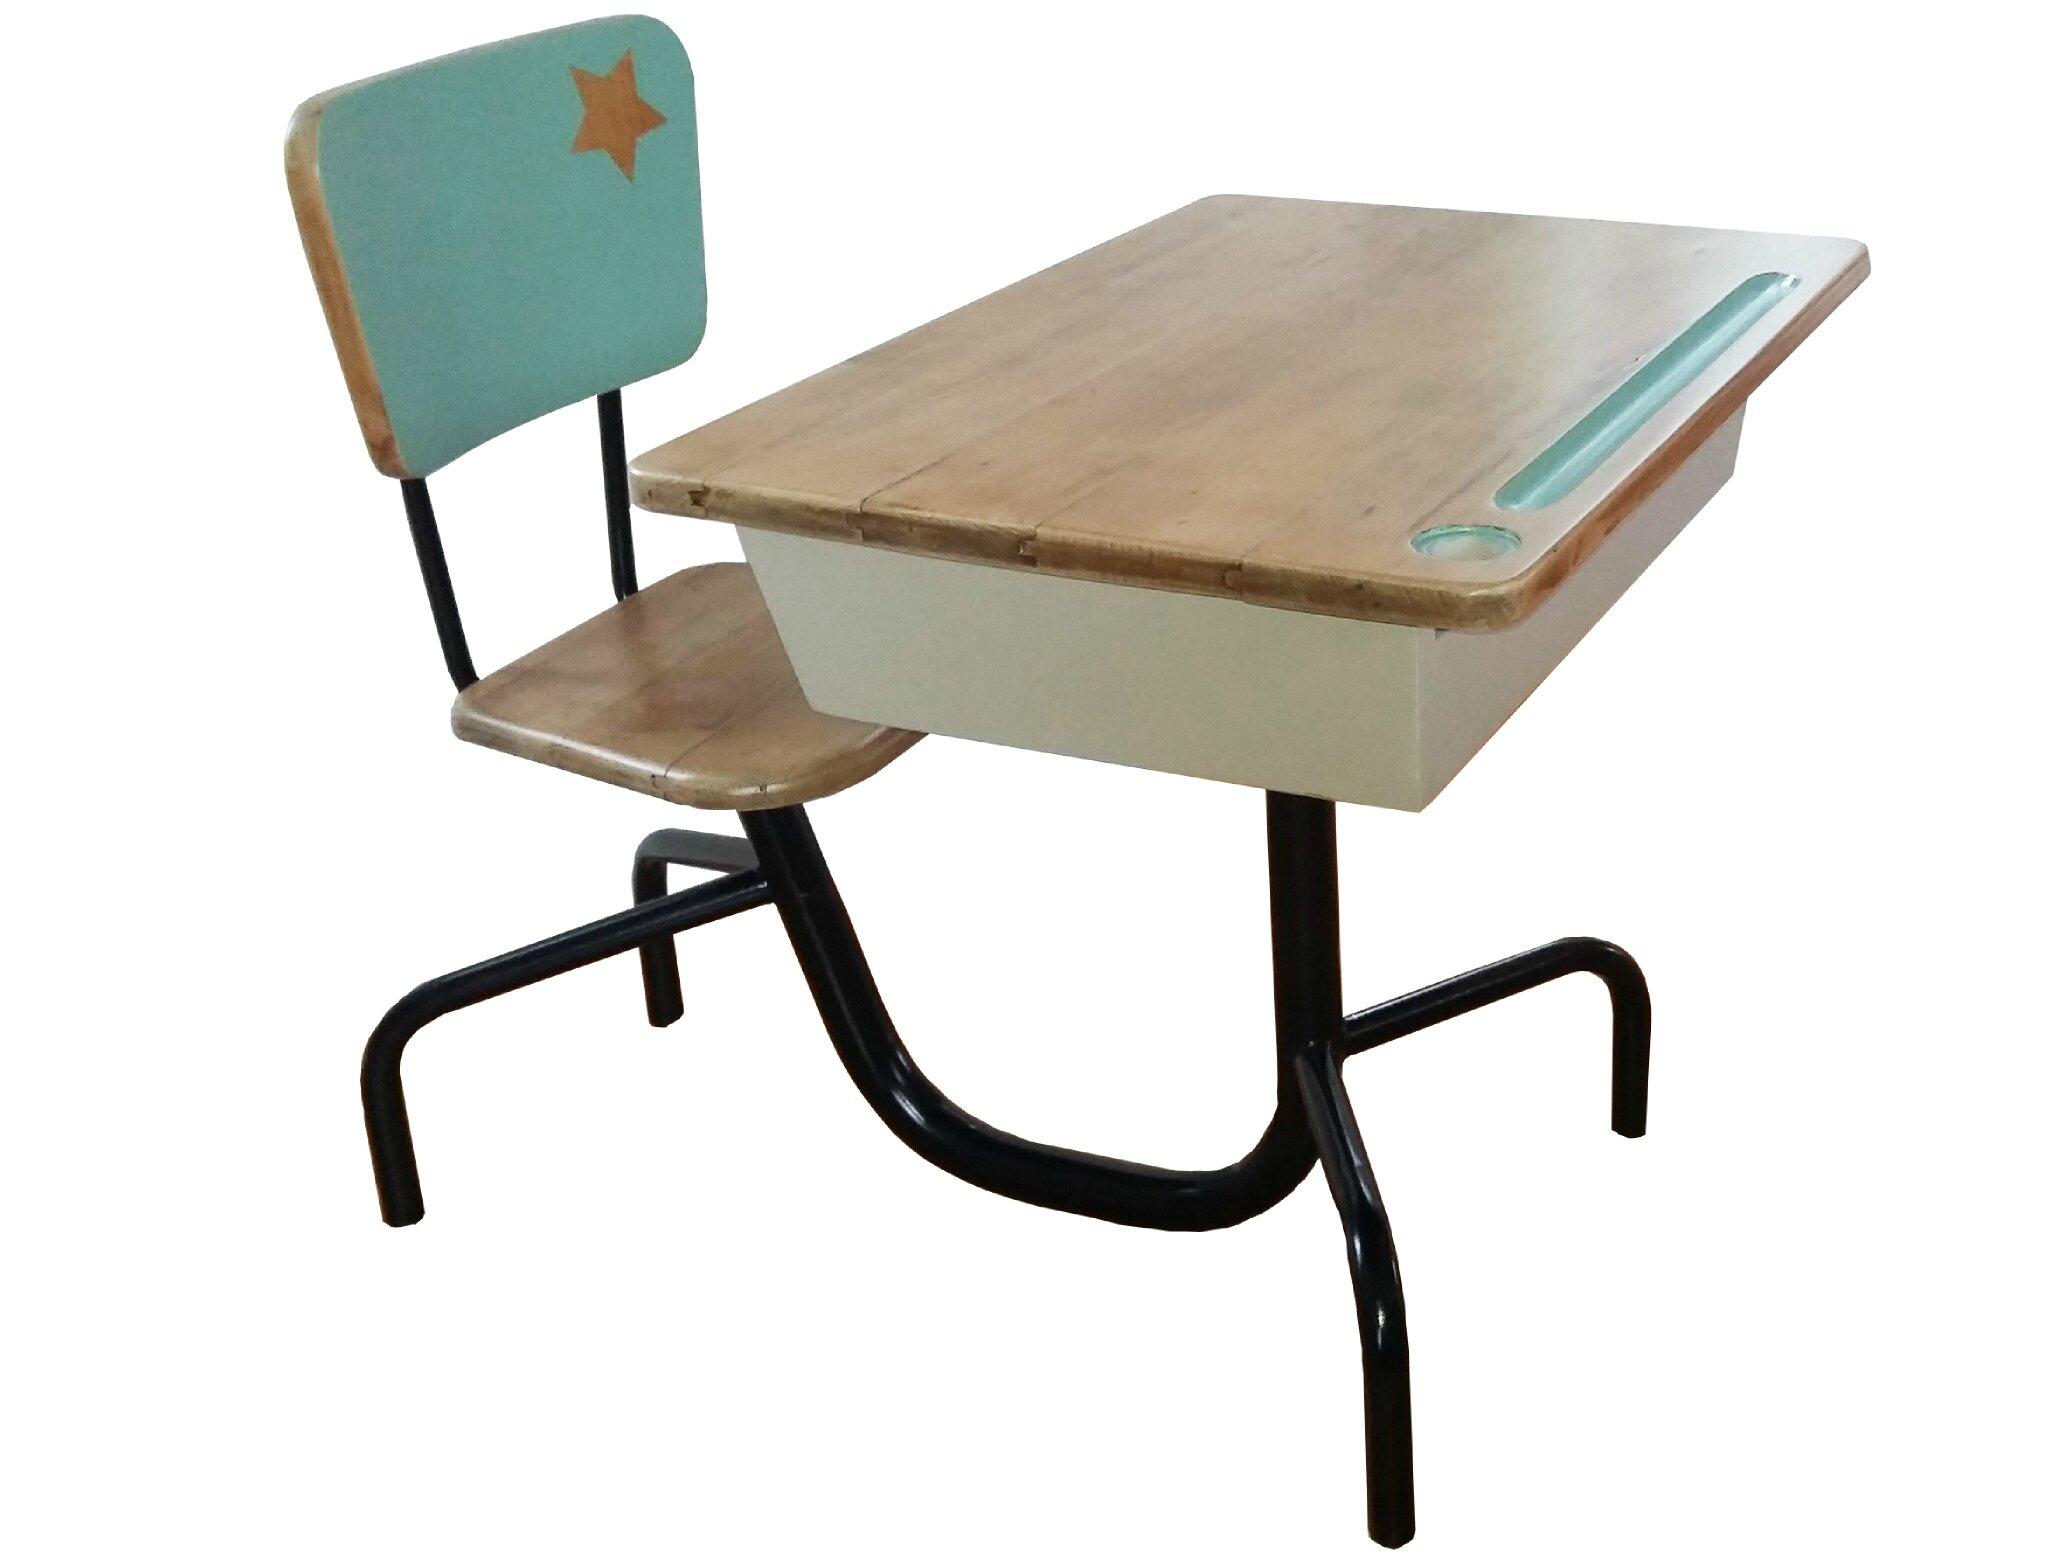 bureau d'écolier 50's - style Jean Prouvé